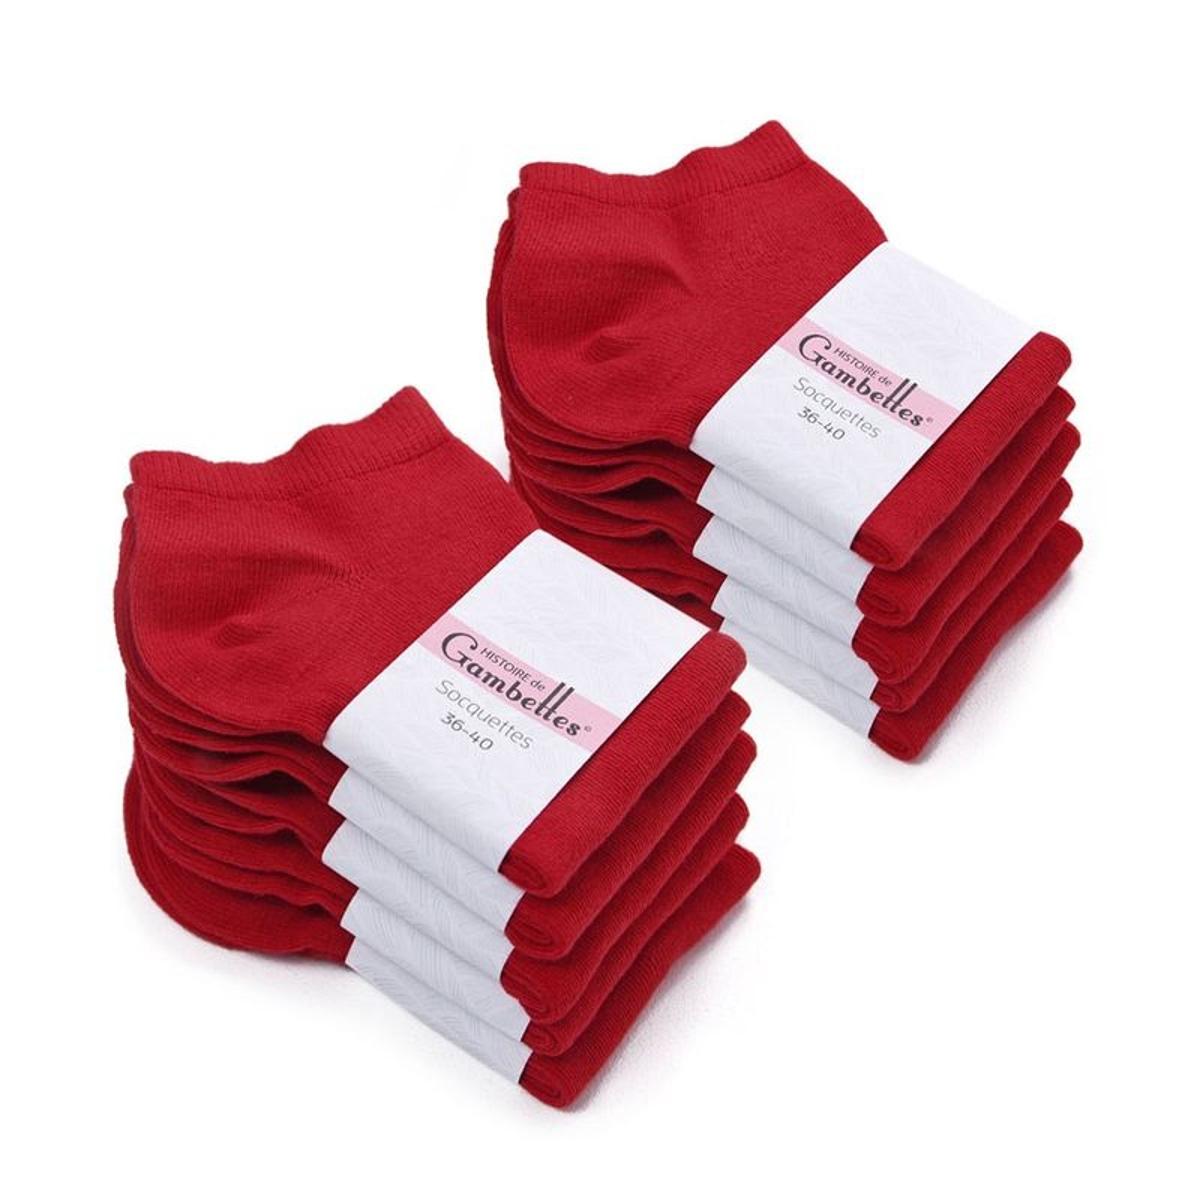 Socquettes Femme coton Rouge Vermillon (Lot de 10)